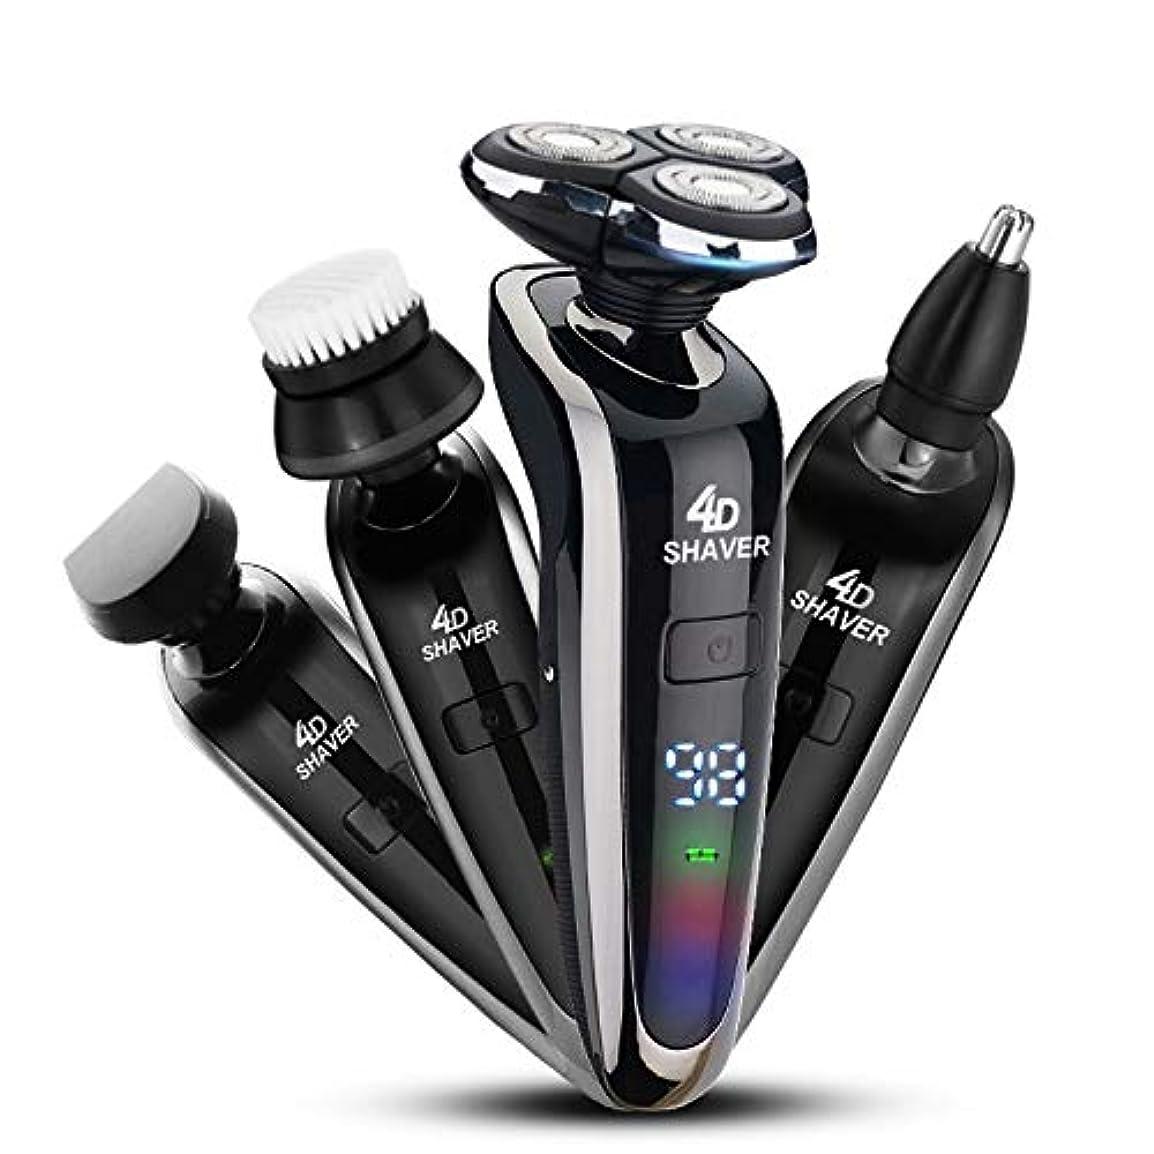 チューリップ拡大する使用法メンズ電気シェーバー 3枚刃 4 in 1髭剃り USB充電式 LEDディスプレイー お風呂剃り可能 トリマーと鼻毛カッター 洗顔ブラシ付き 防水仕様IPX基準 本体丸洗い可能